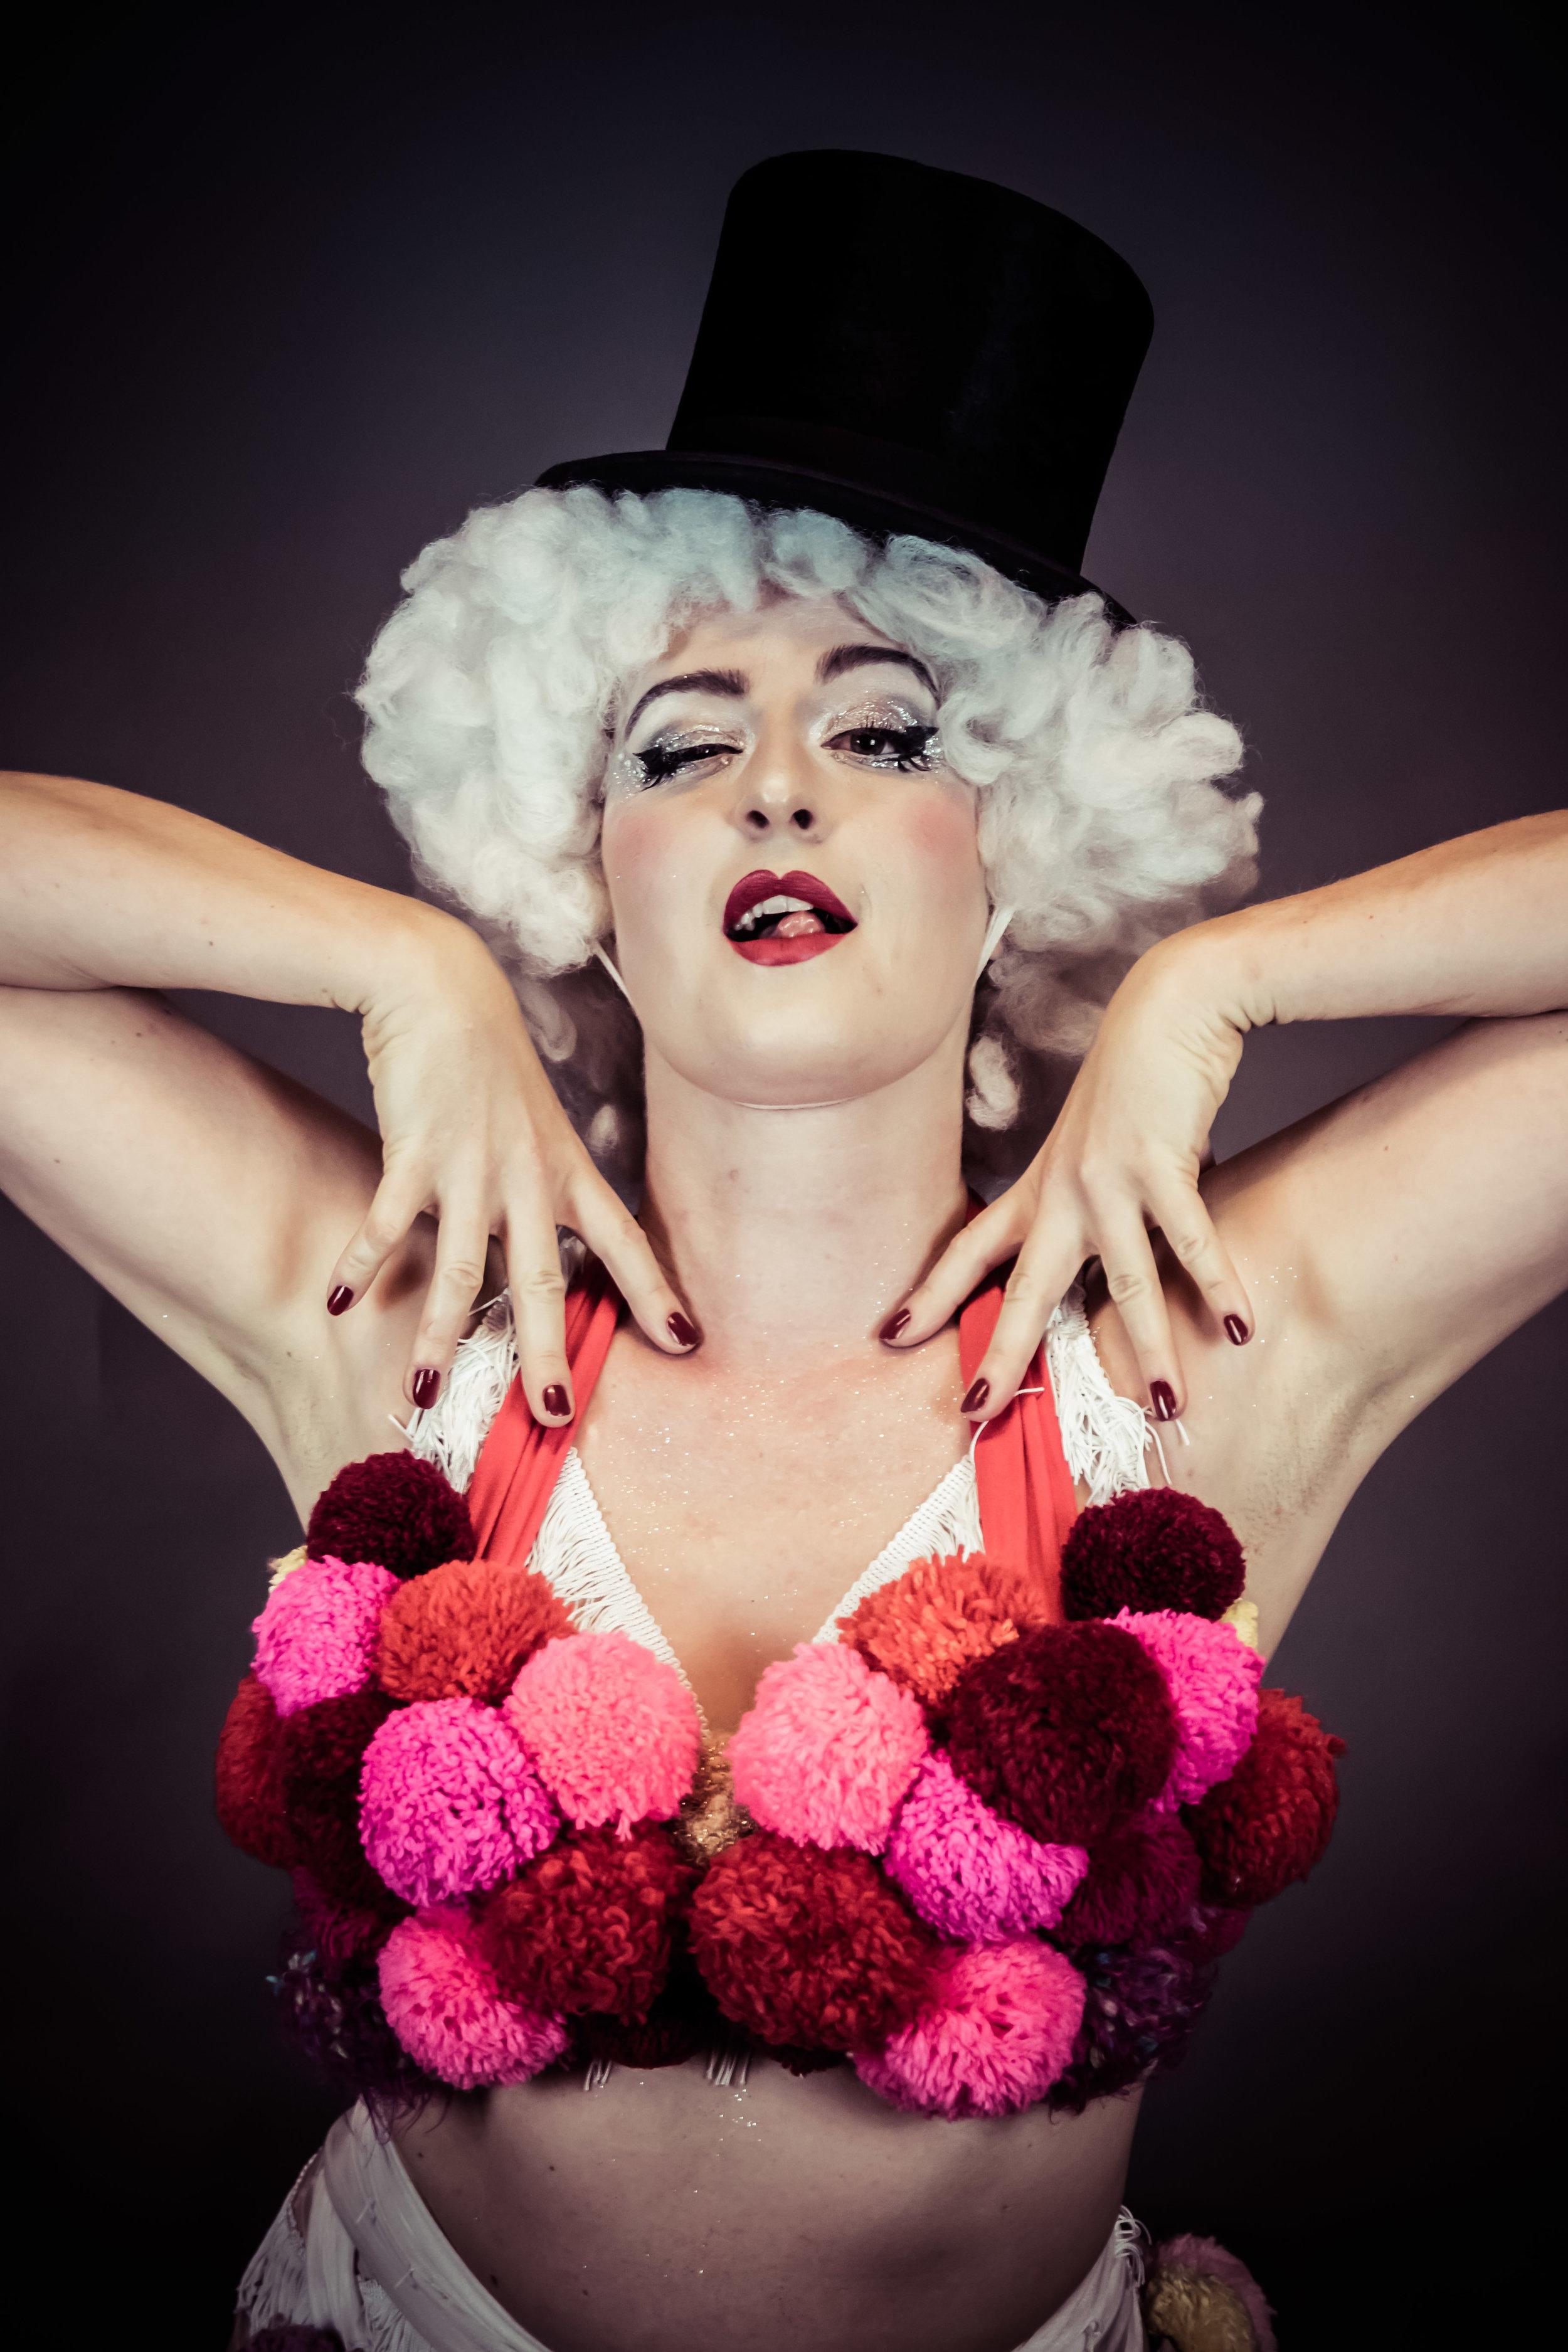 3rd Swiss Crown of Burlesque 2018 - Lulu Applecheeck - Switzerland